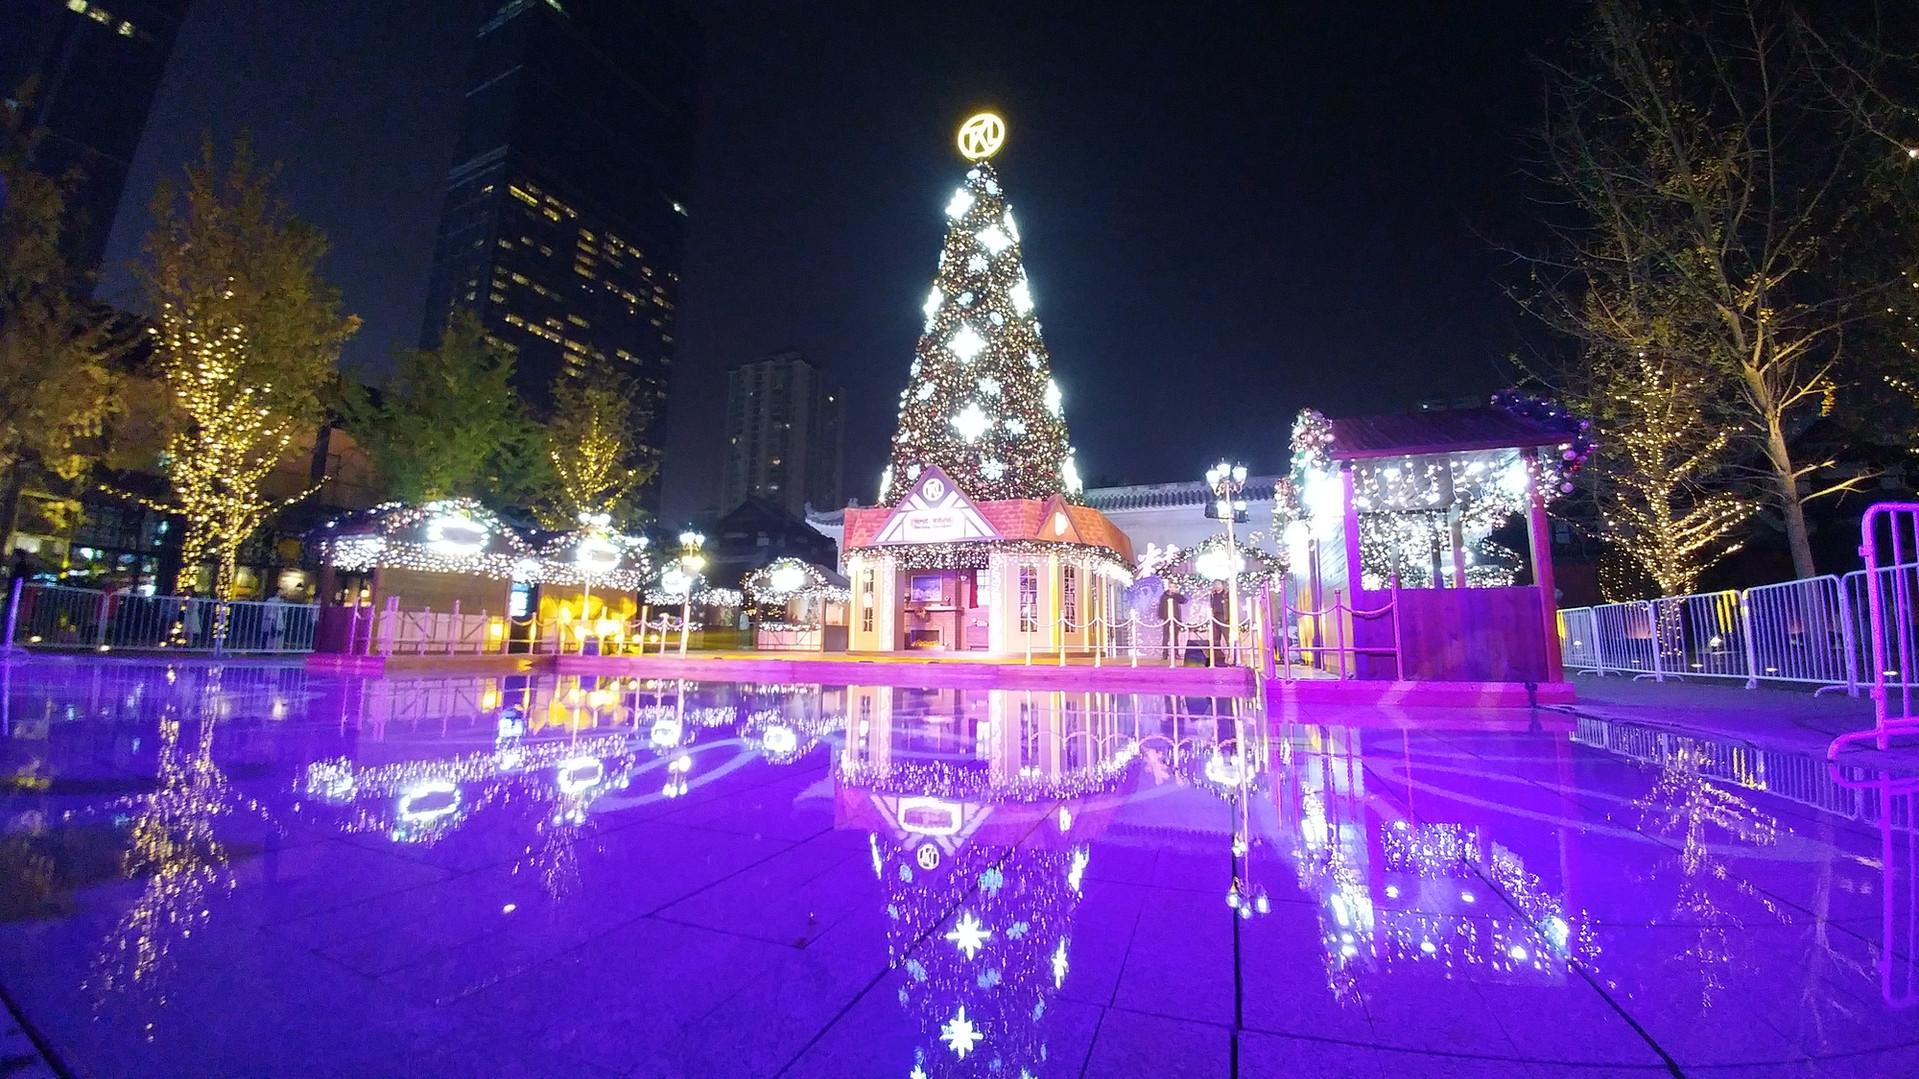 Taikoo Li Christmas Project  太古里圣诞项目 2016